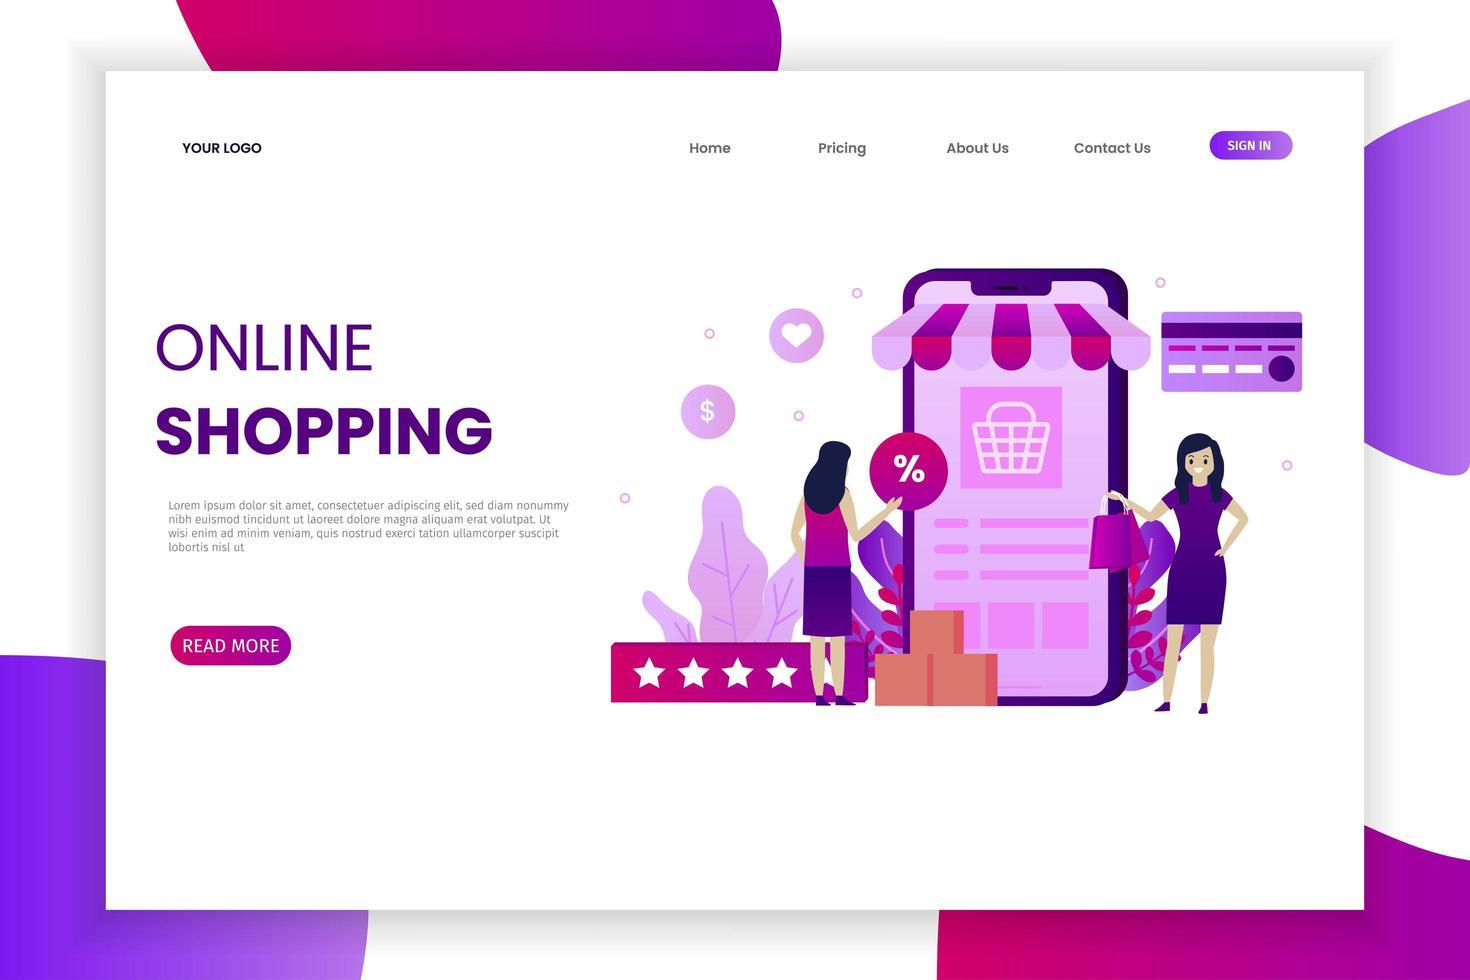 página de inicio de compras en línea móvil rosa y púrpura vector